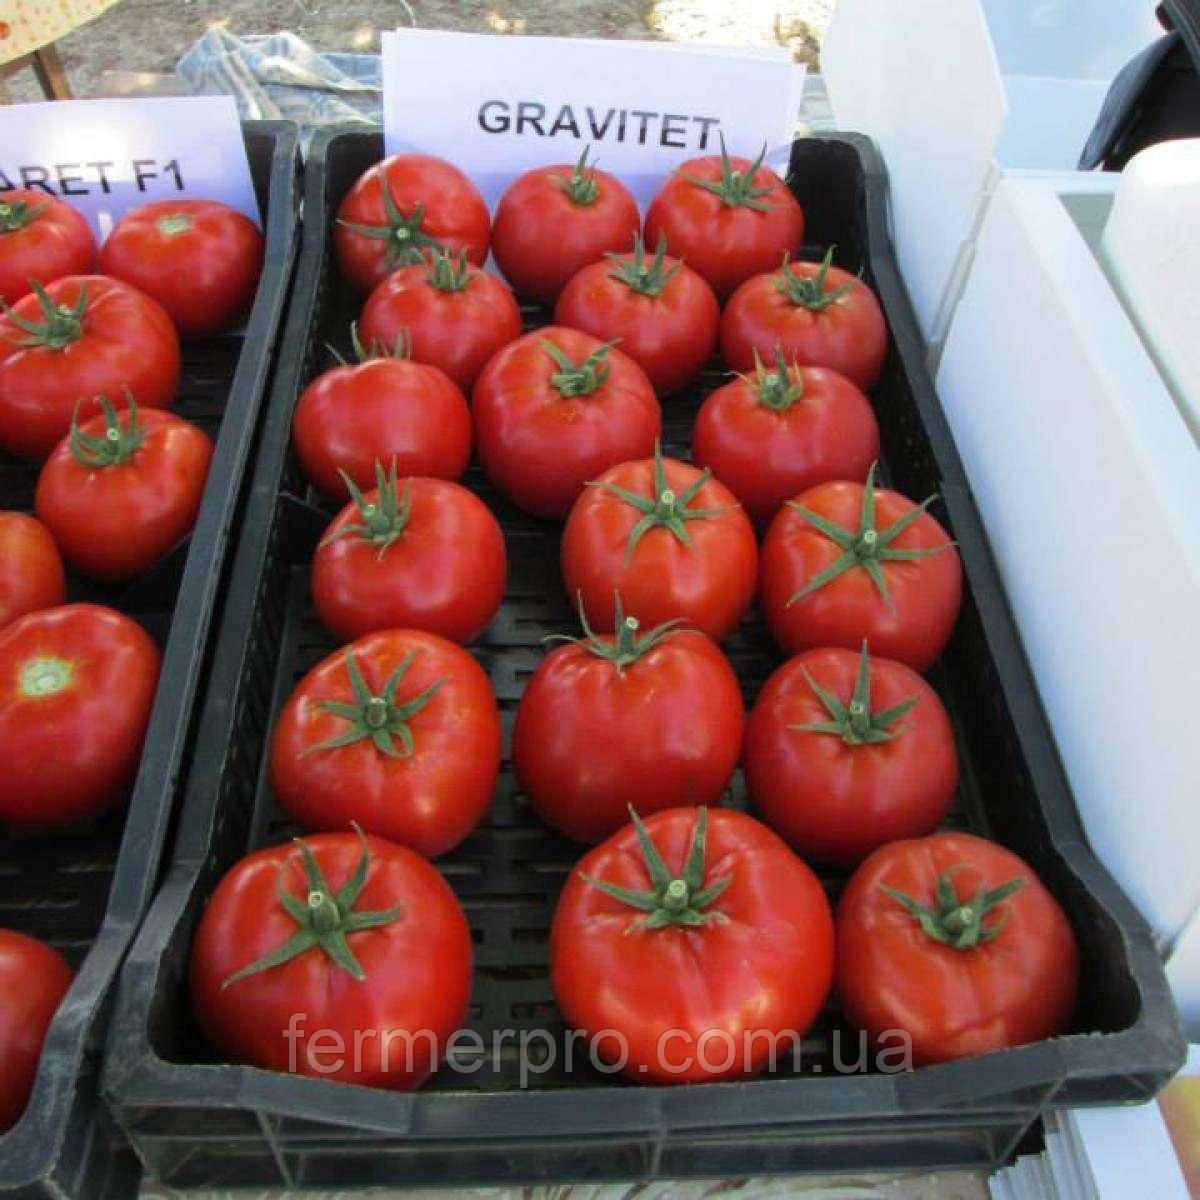 Семена томата Гравитет F1 \  Gravitet F1 500 семян Syngenta